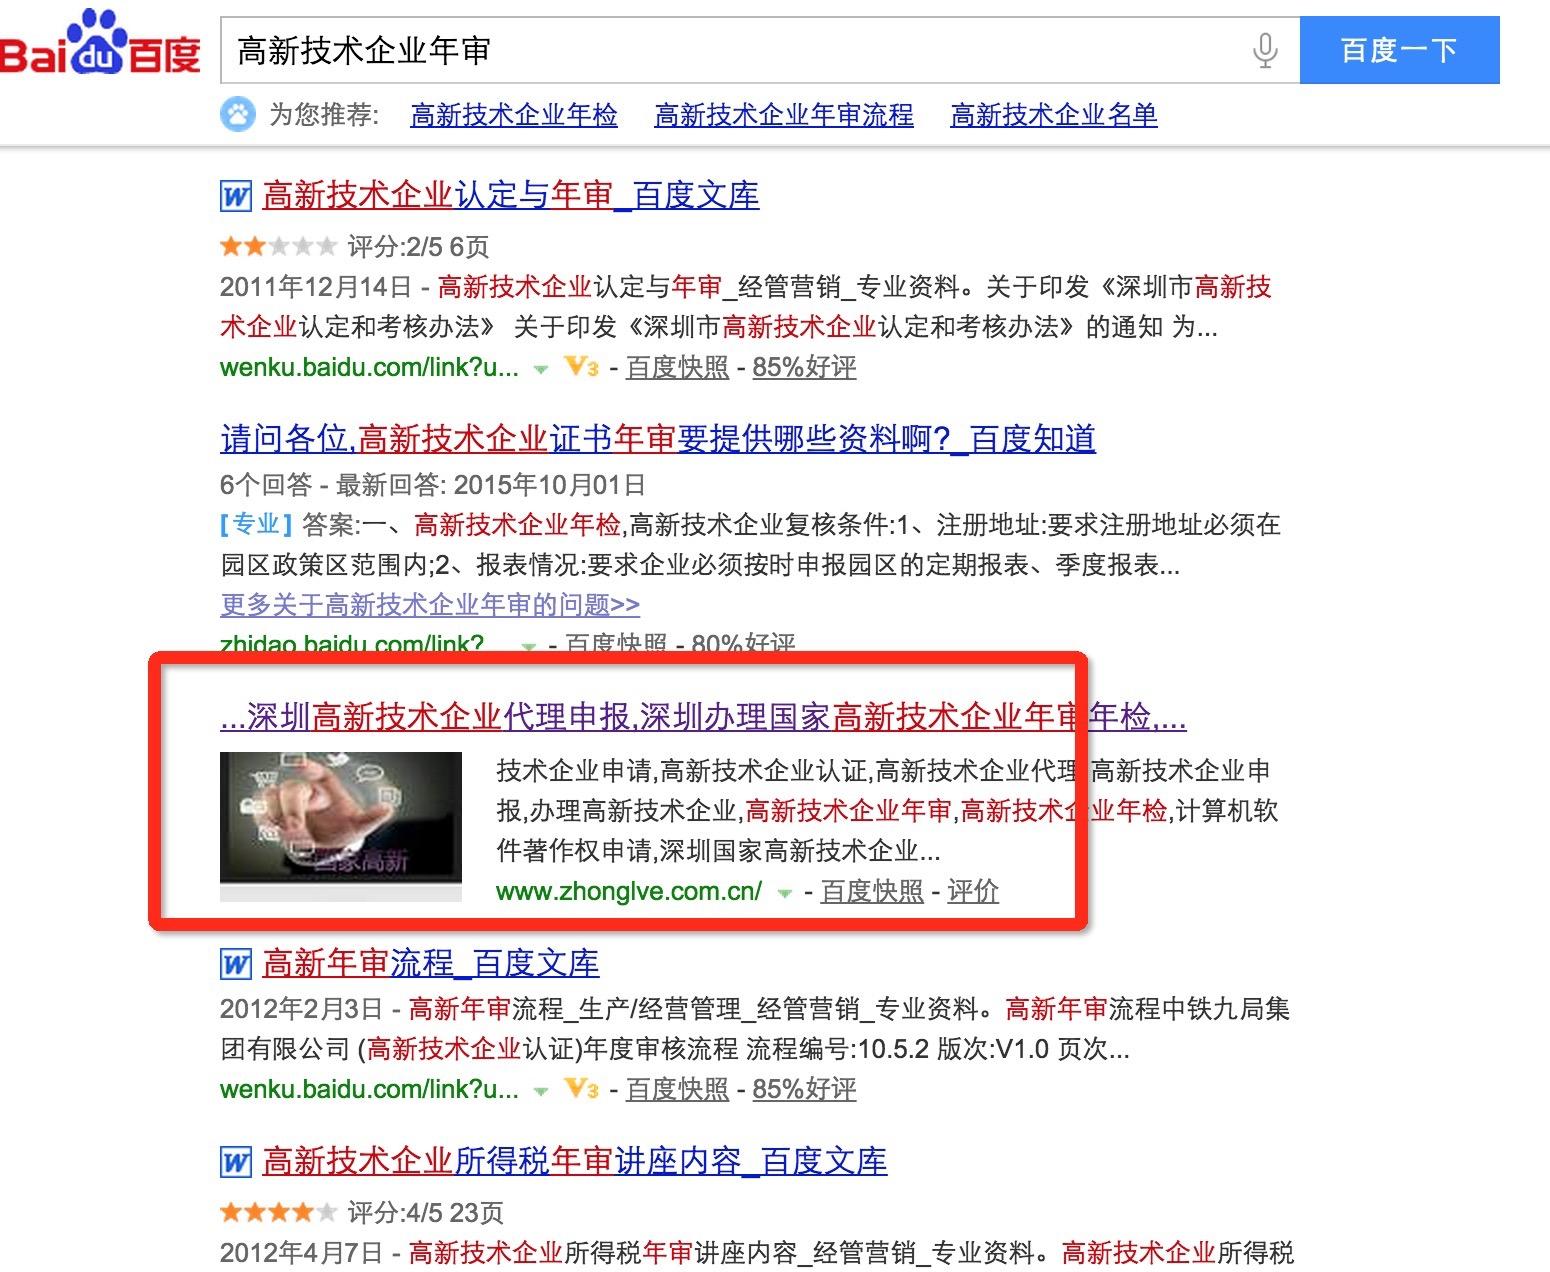 深圳市中略咨询公司与富海360签约合作效果排名首页